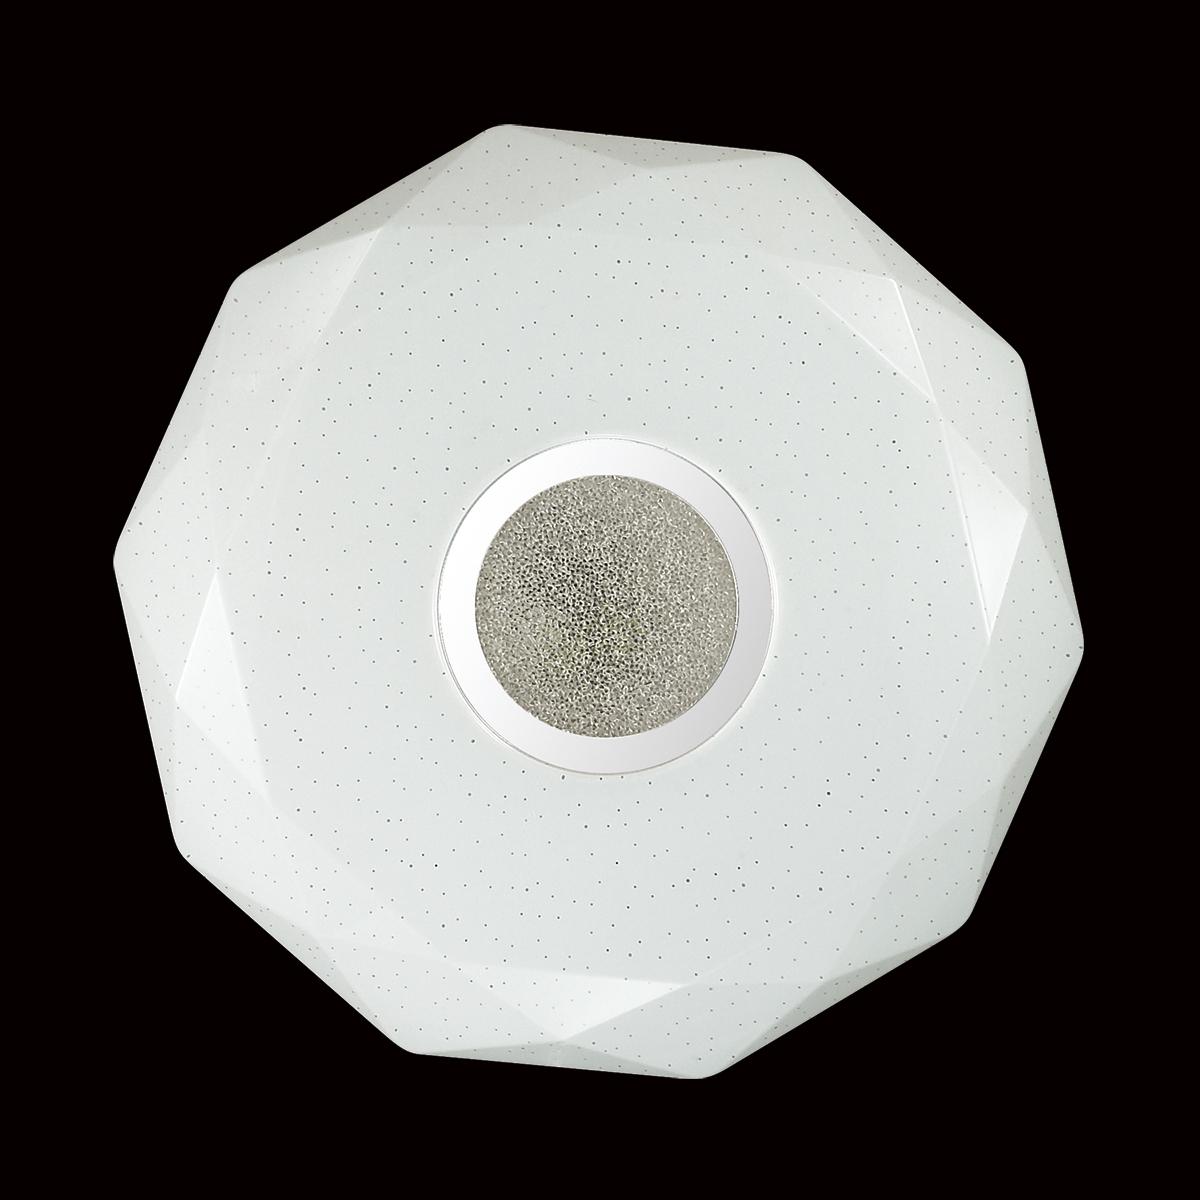 Потолочный светодиодный светильник Sonex Prisa 2057/CL, IP43, LED 24W, 3800K (дневной), белый, прозрачный, хром, металл, пластик - фото 6